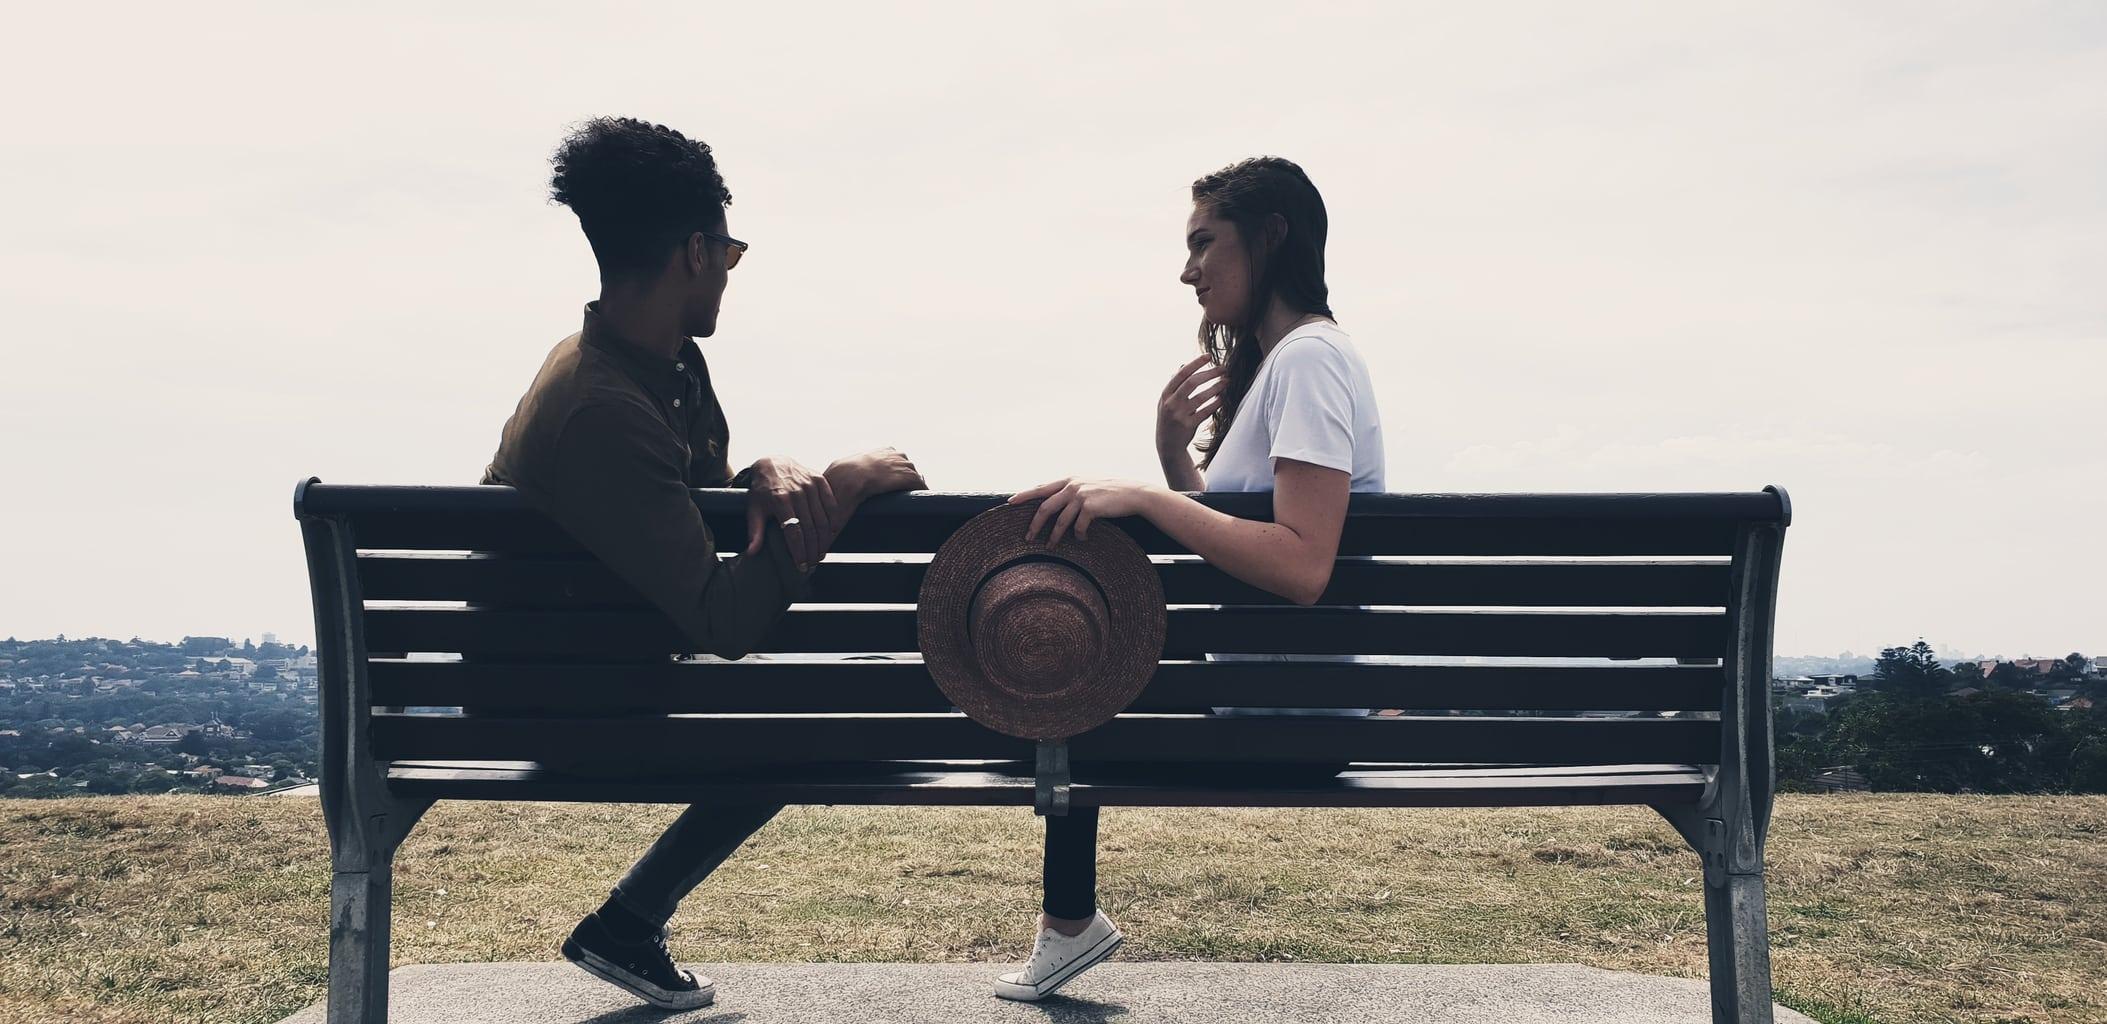 pareja en banco fotografiada con Galaxy S9